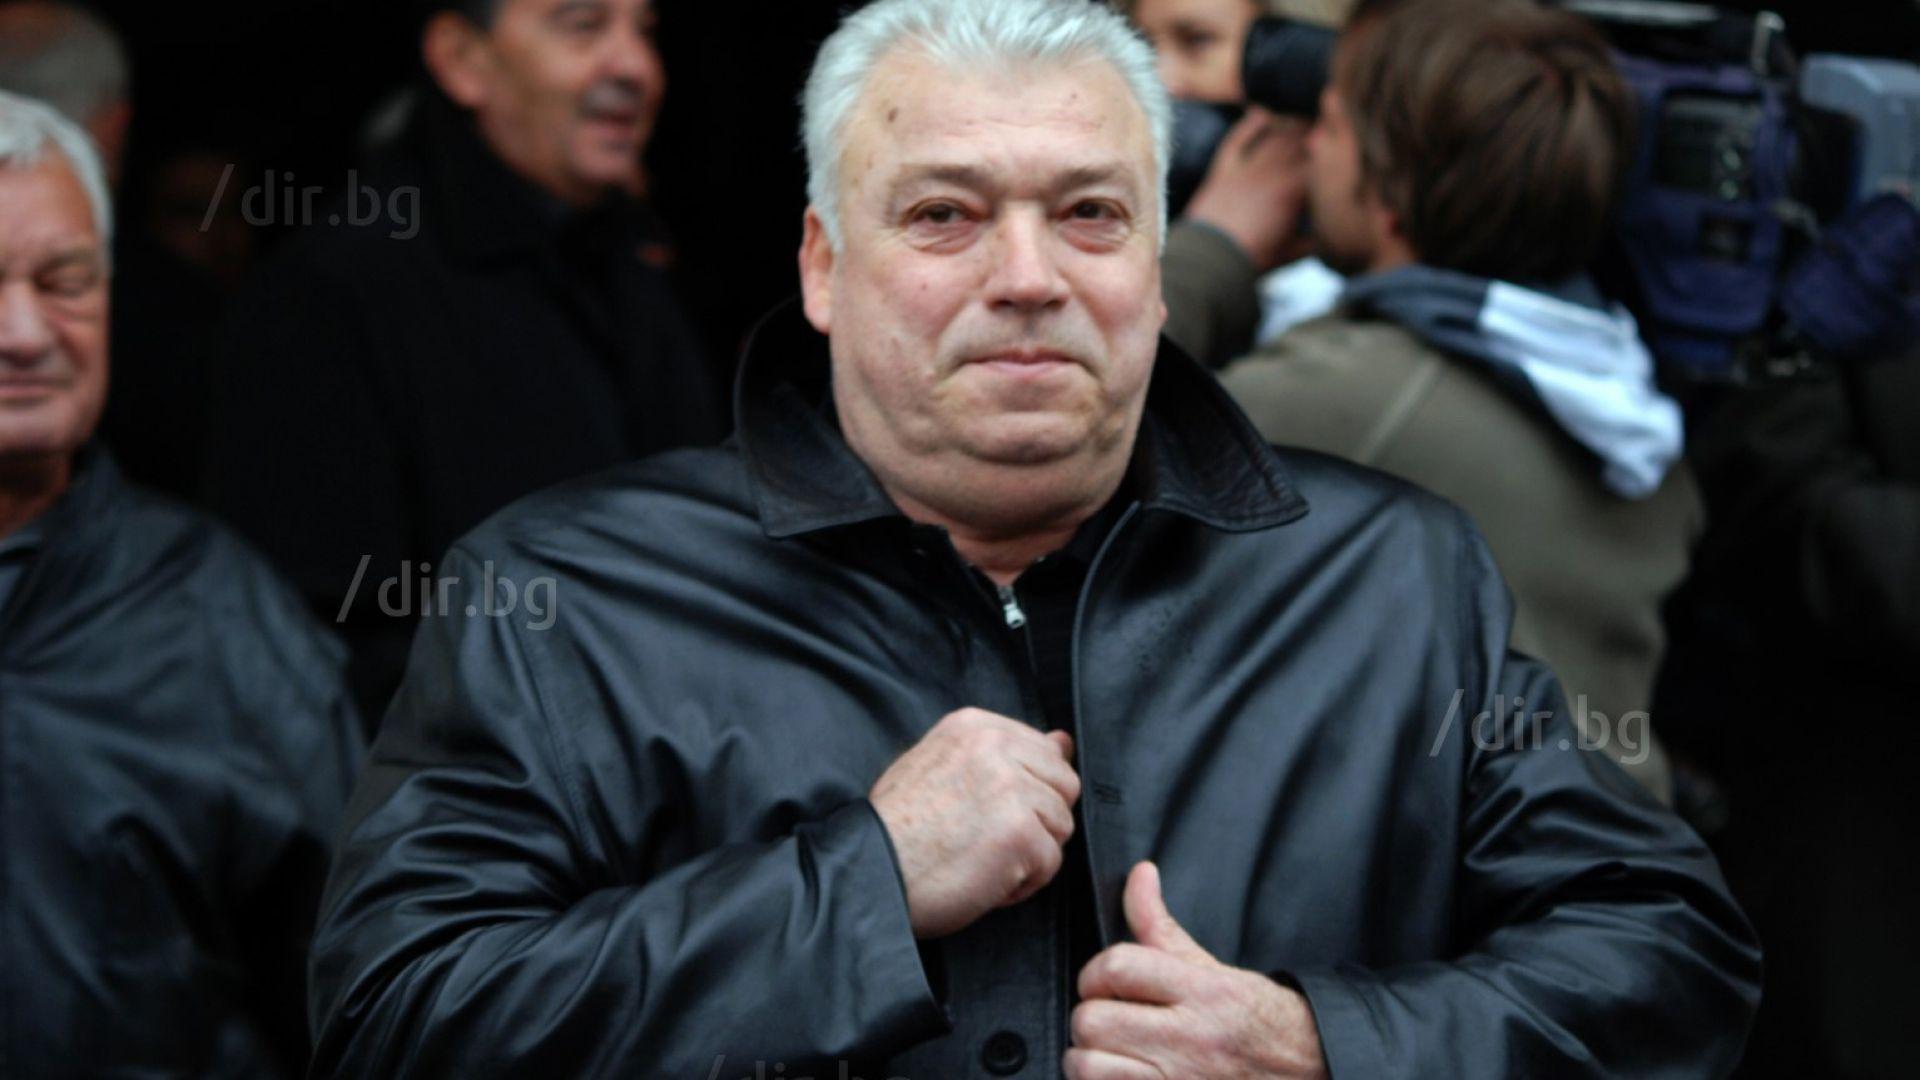 Христо Бонев с чудесен жест, посети Дерменджиев в болницата